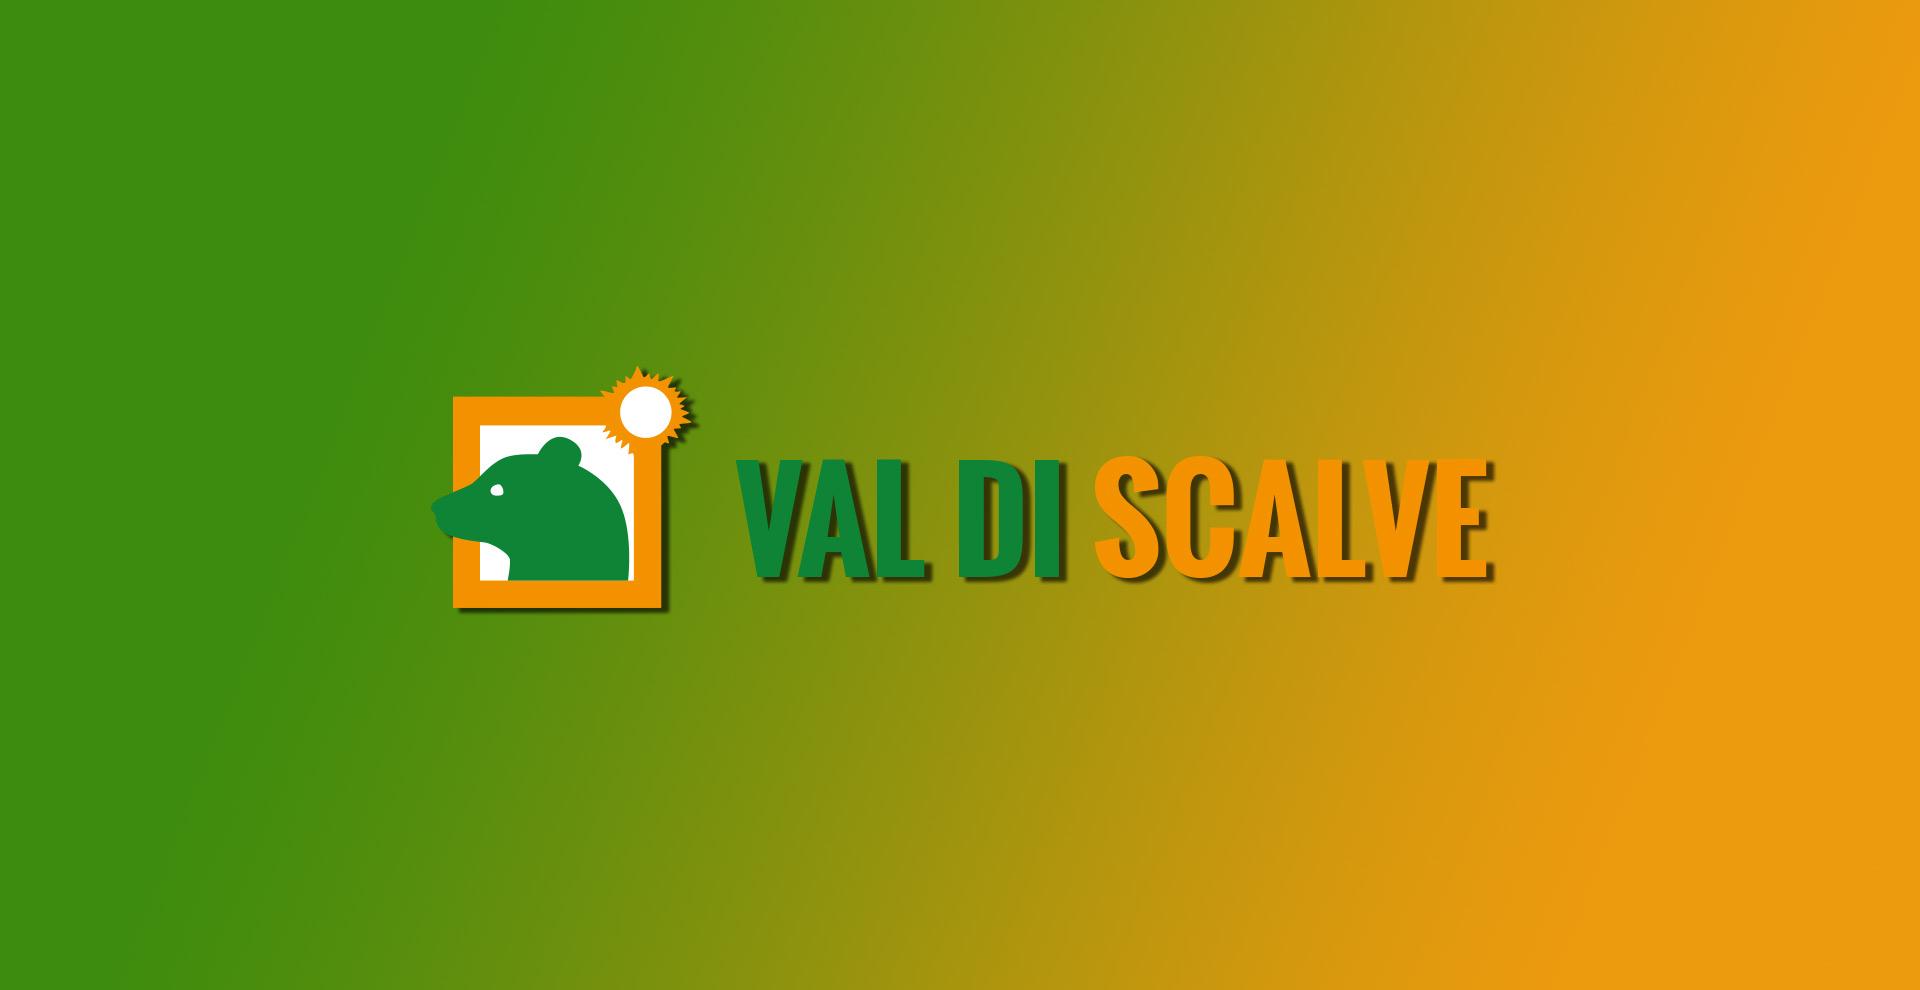 IDENTITà VAL DI SCALVE